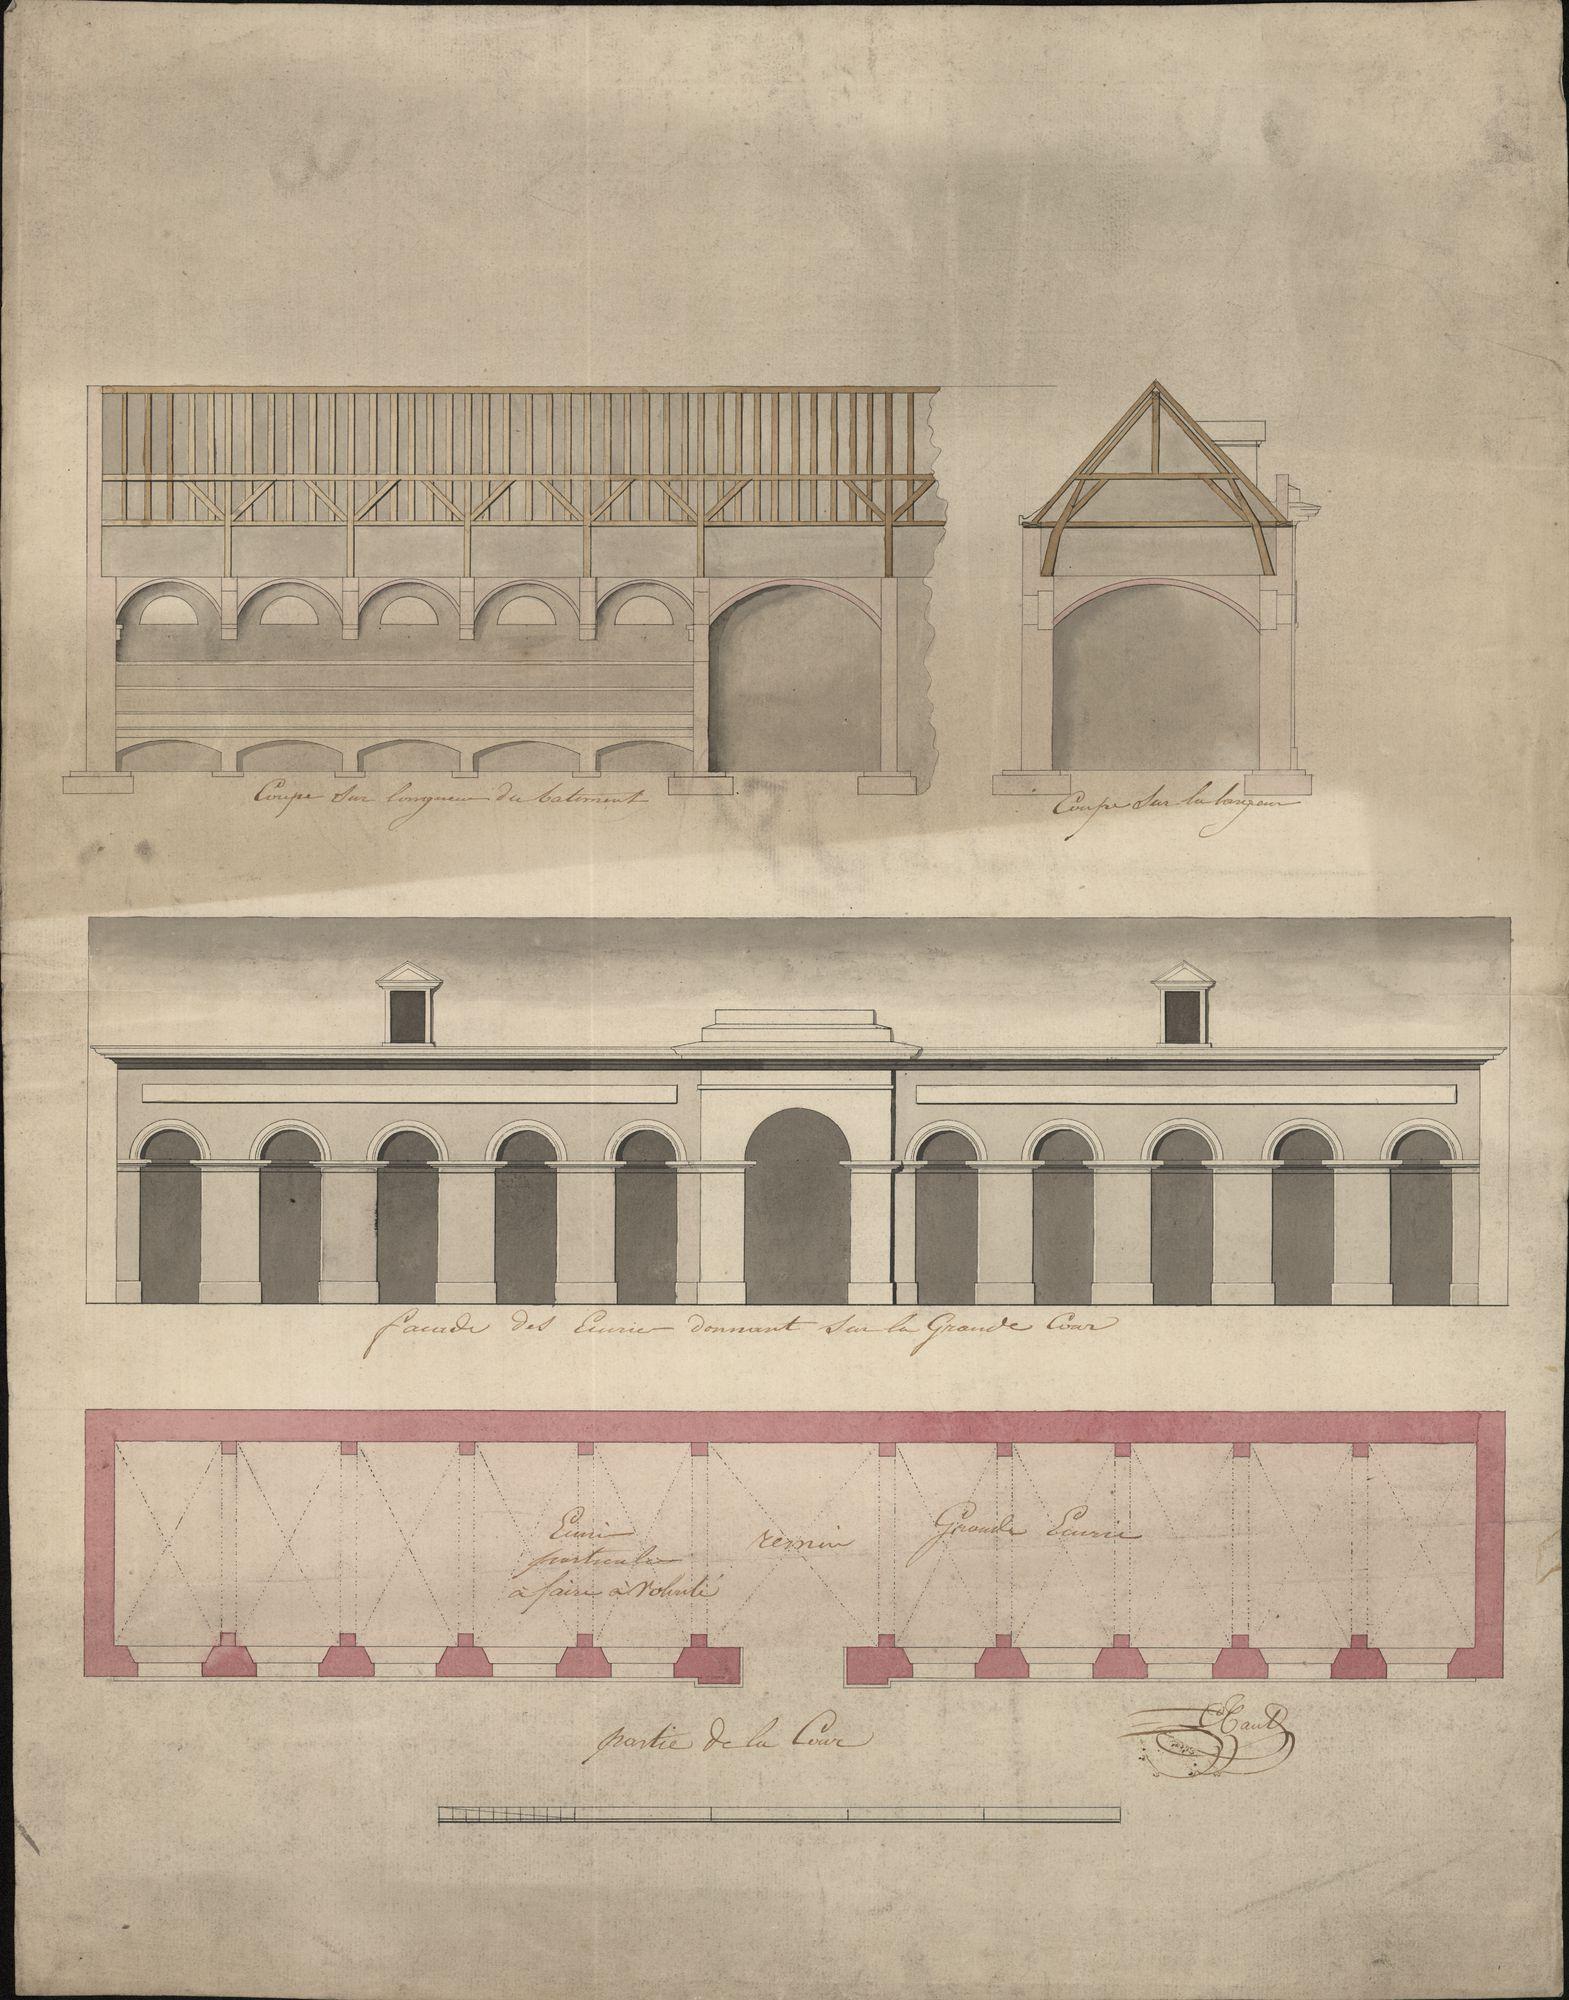 Bouwplan van een voorgevel en van twee doorsneden van een paardenstal voor de Rijkswacht te Kortrijk, opgemaakt door C. Tant, 19de eeuw